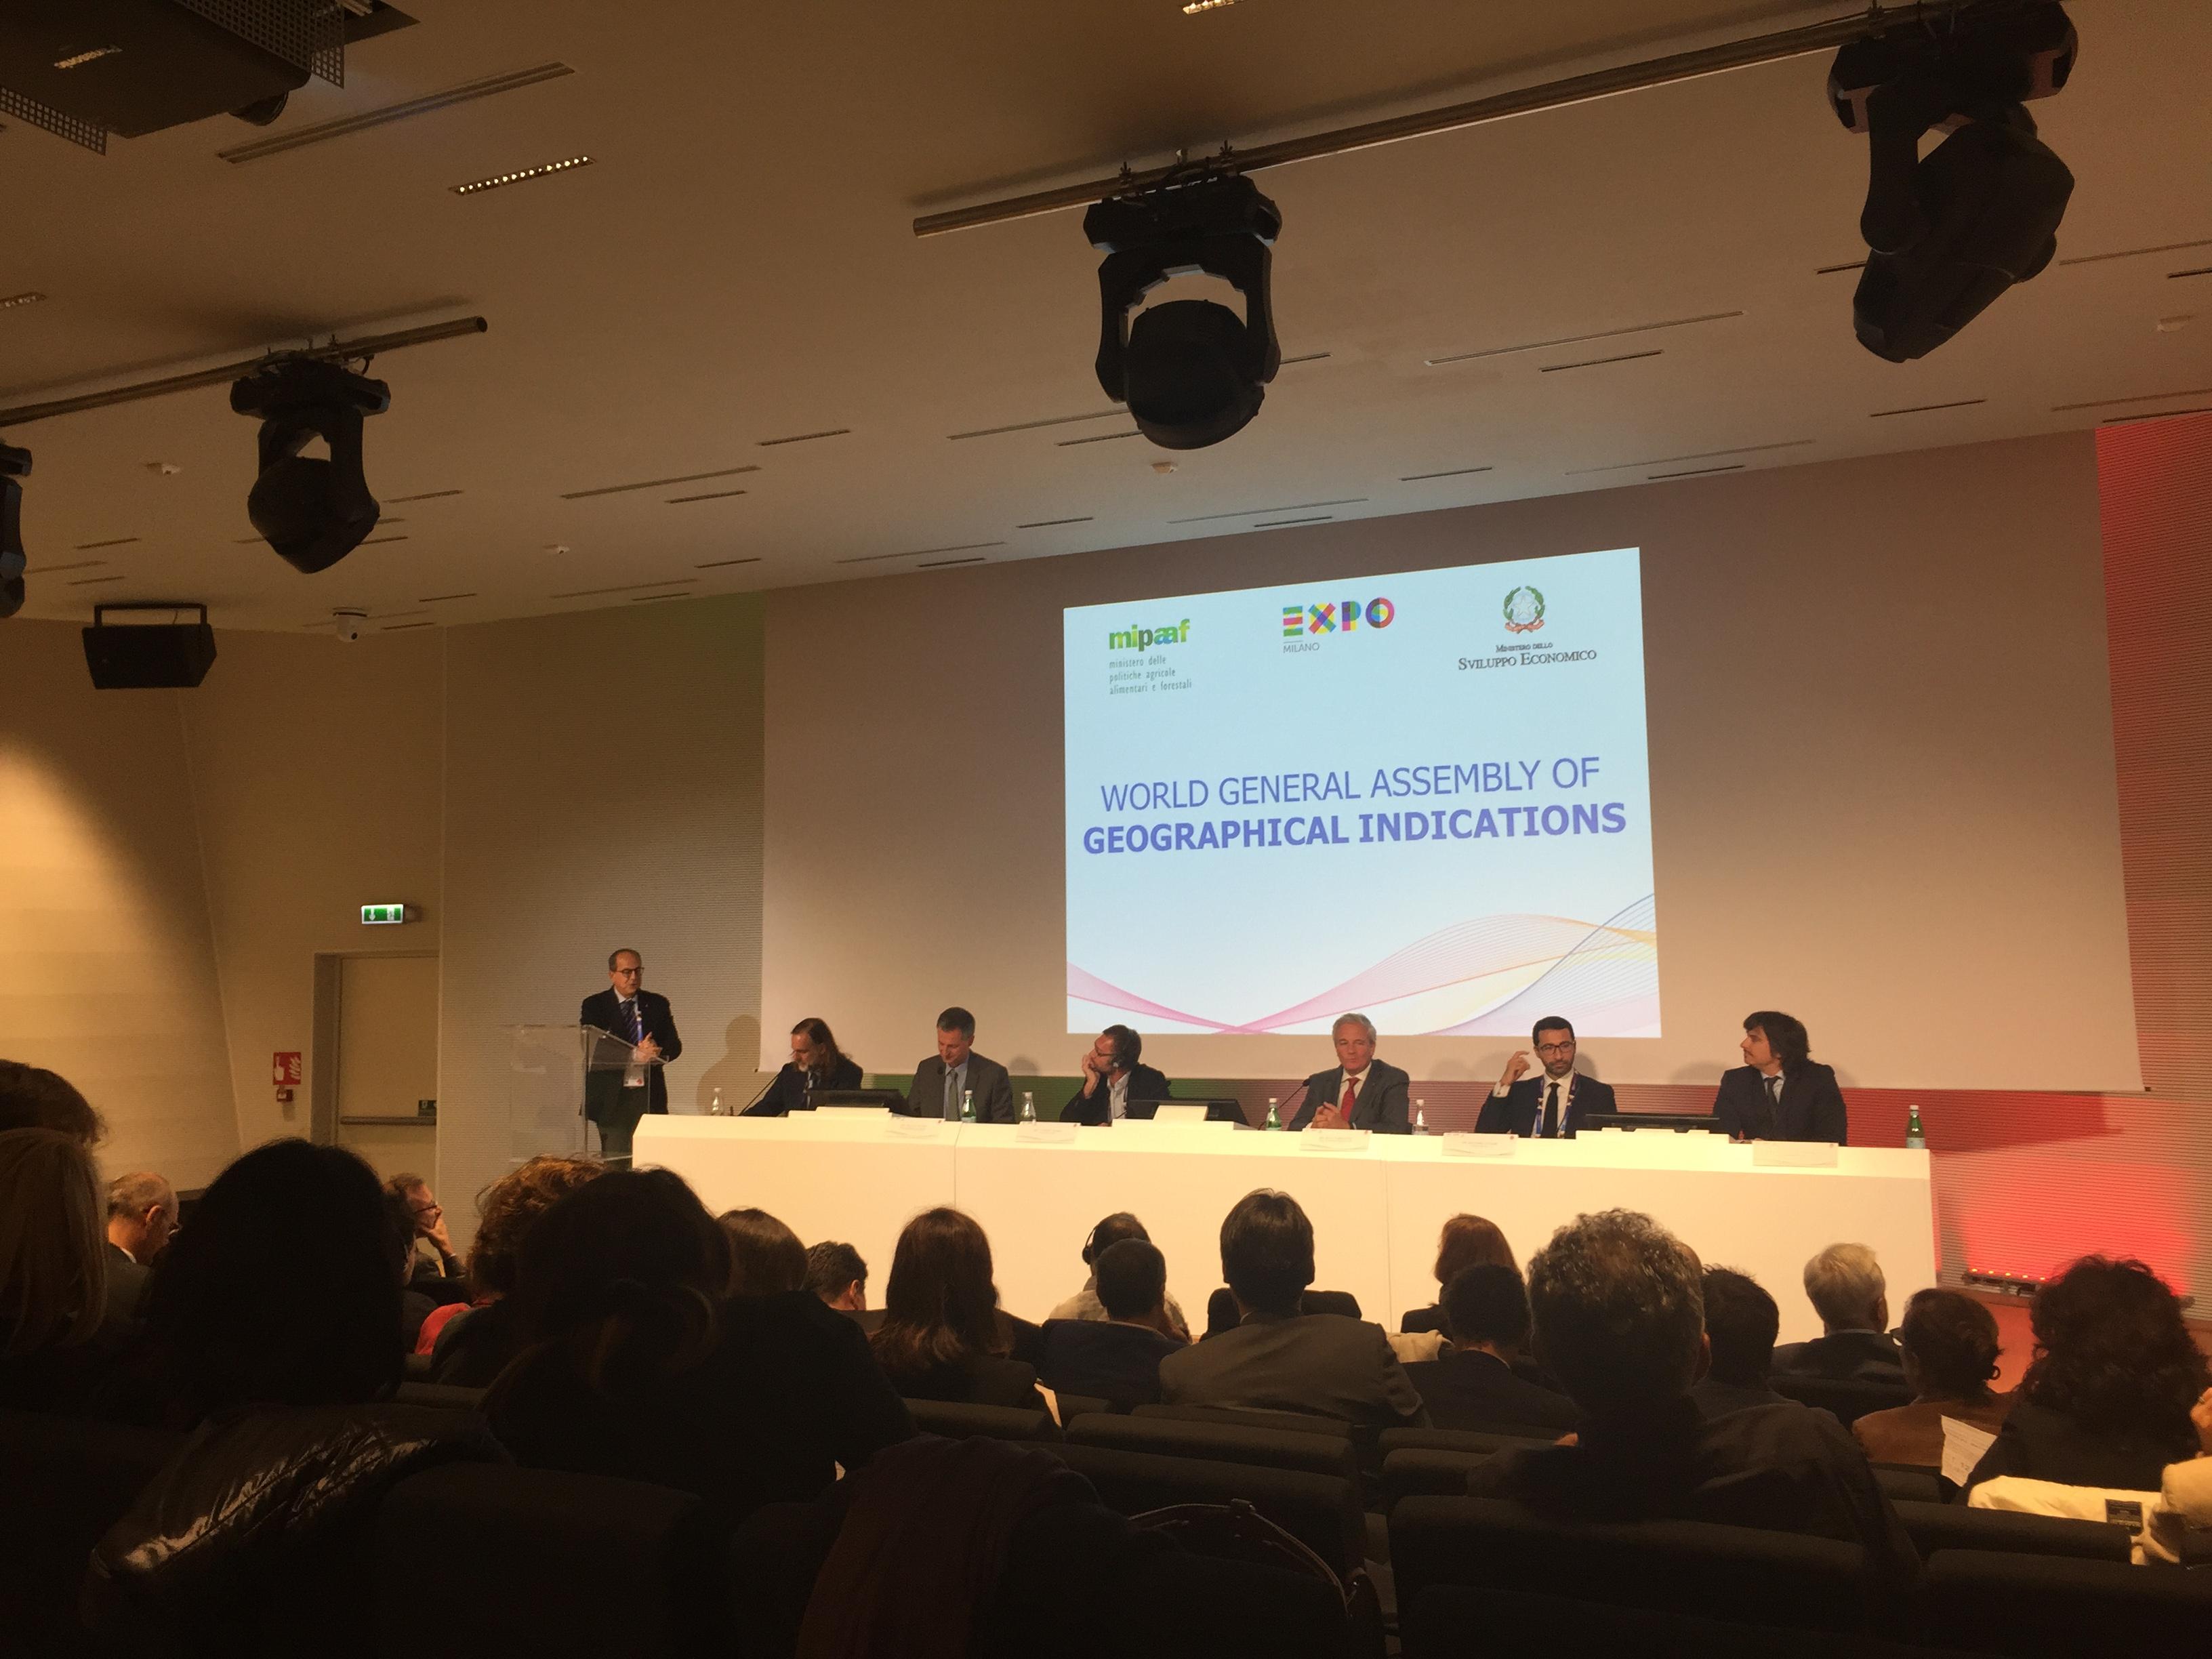 Il Consorzio Igp Pachino all'assemblea mondiale delle Indicazioni Geografiche